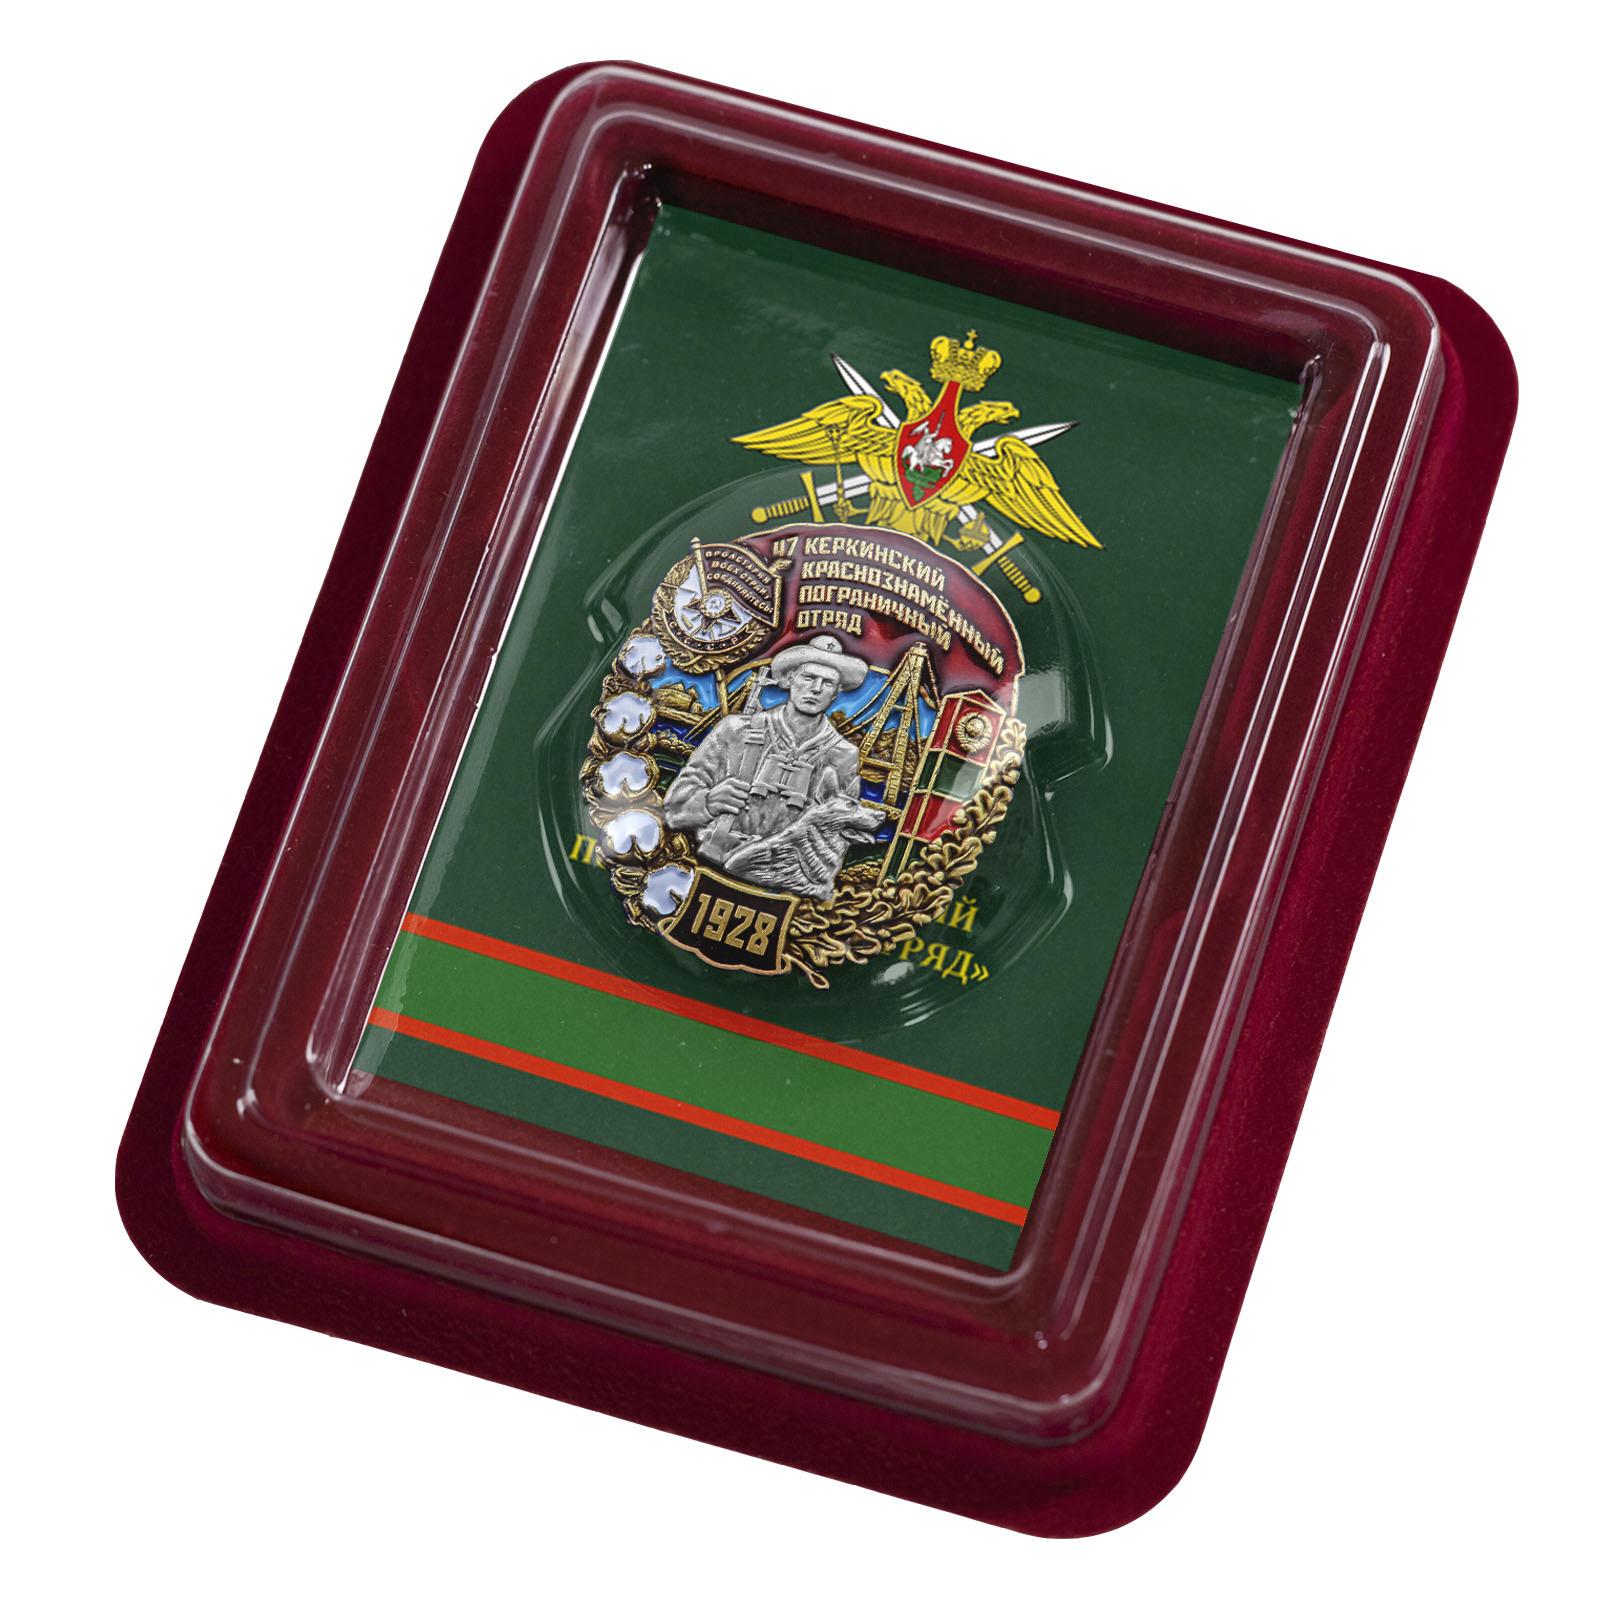 Памятный знак 47 Керкинский Краснознамённый пограничный отряд - в футляре